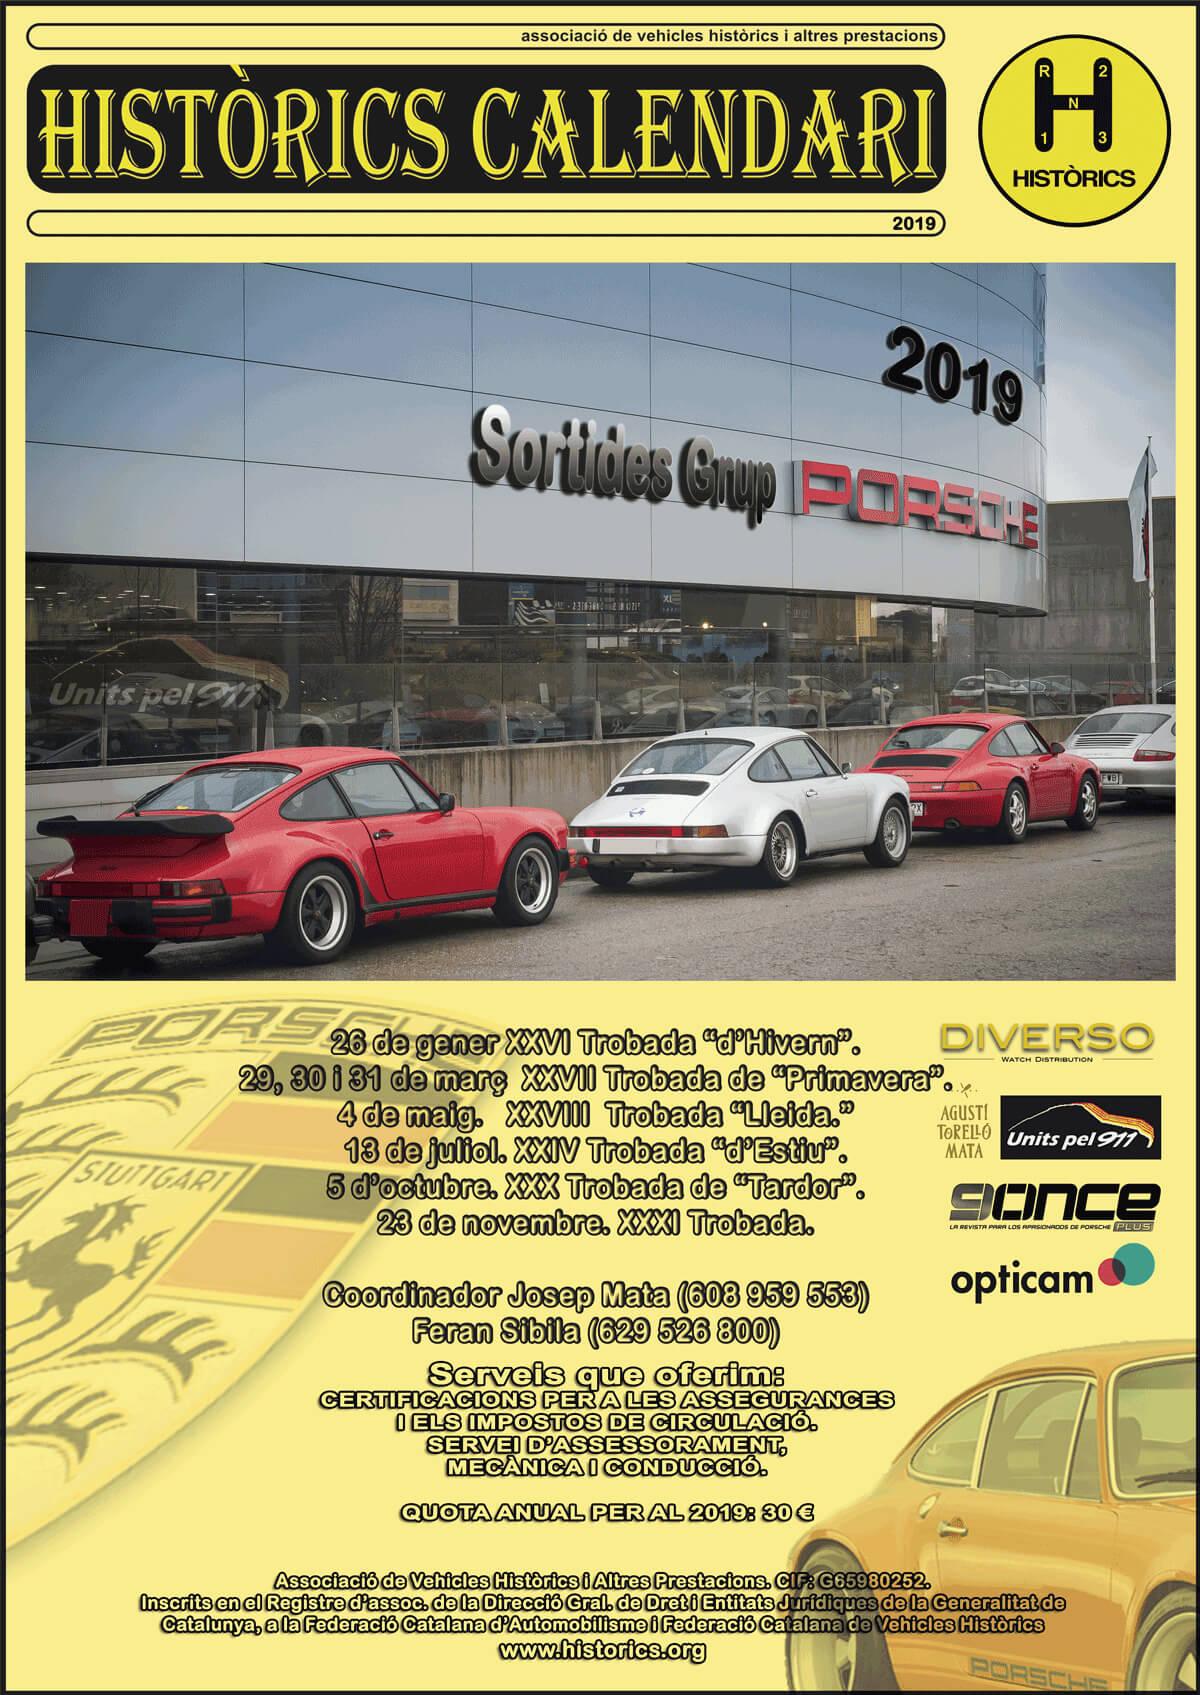 concentracion coches clasicos Porsche